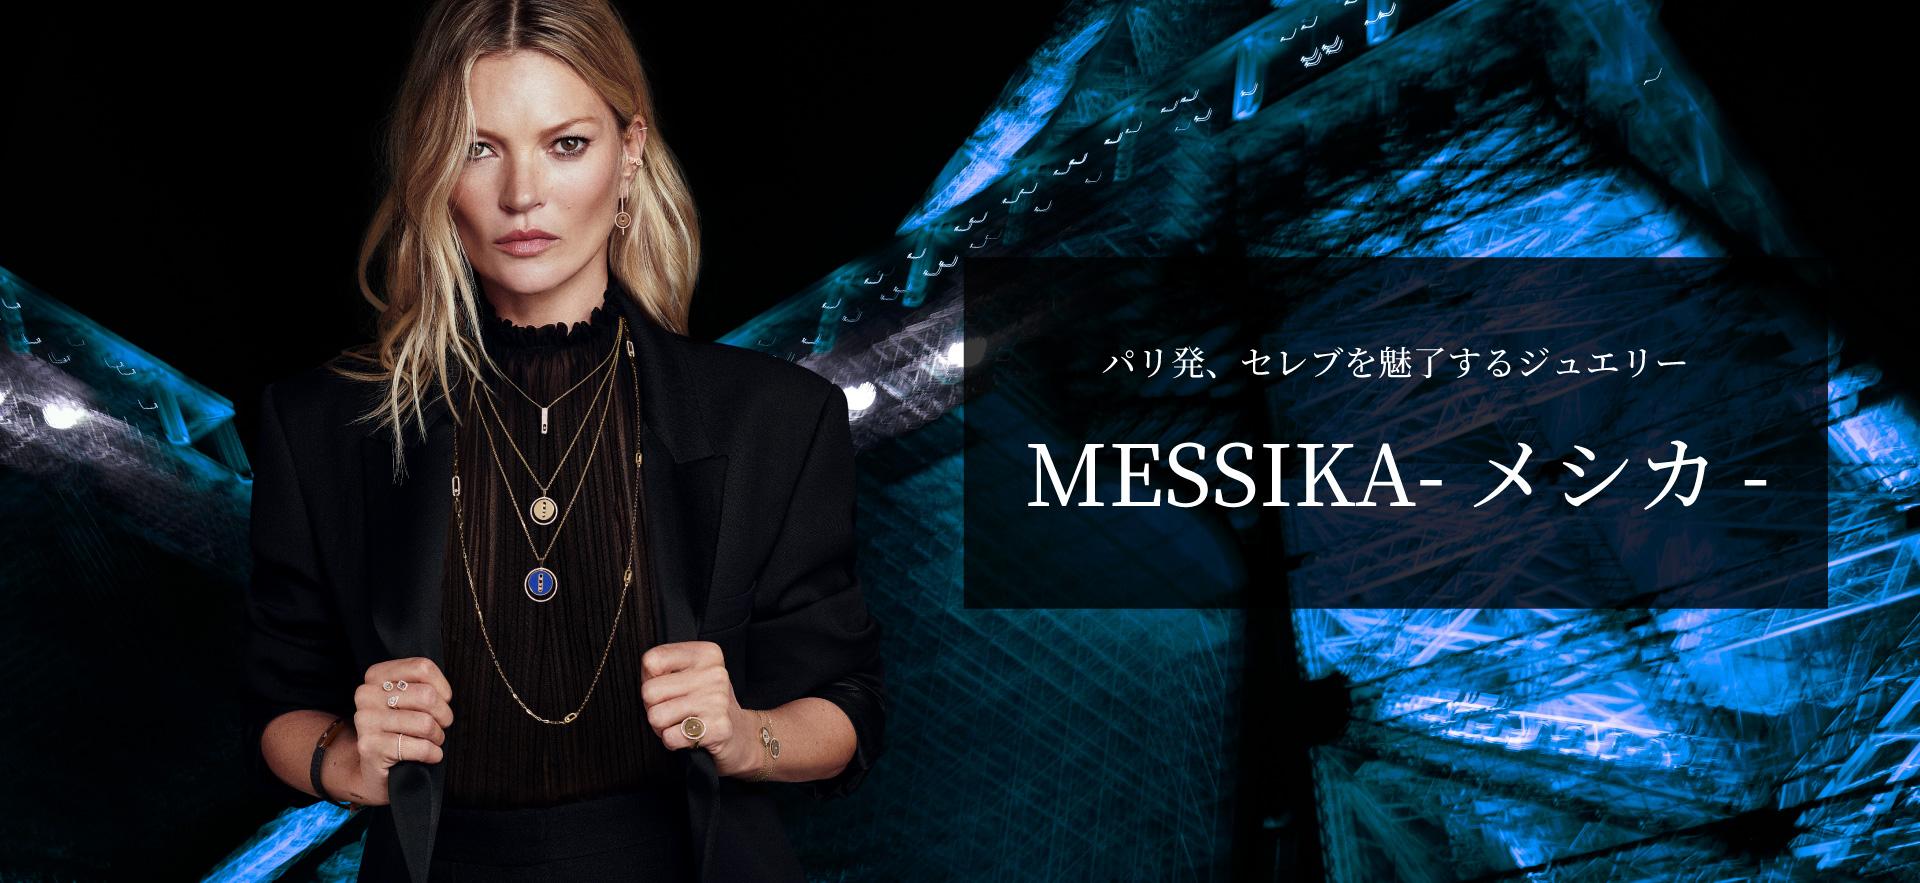 パリ発、セレブを魅了するジュエリー MESSIKA-メシカ-